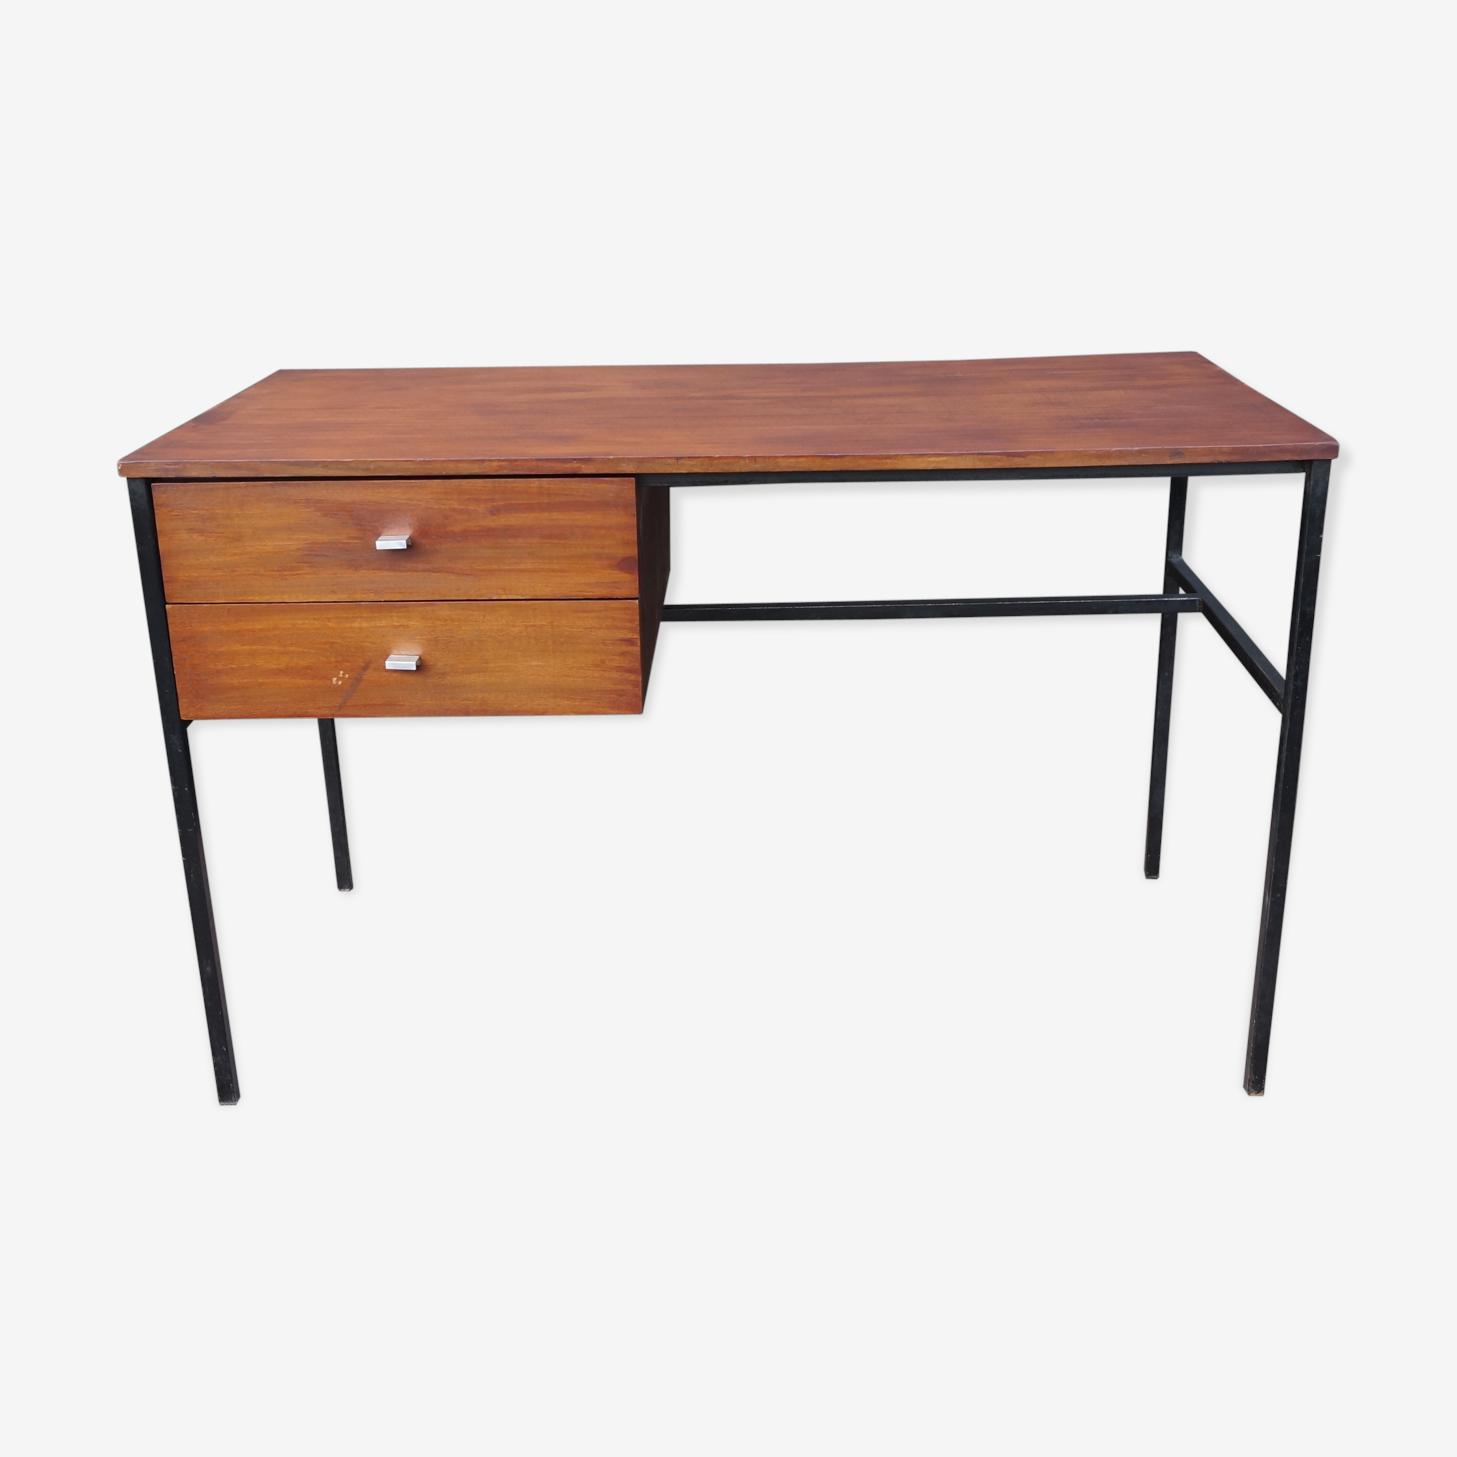 Vintage desk by Pierre Guariche - editions Meurop